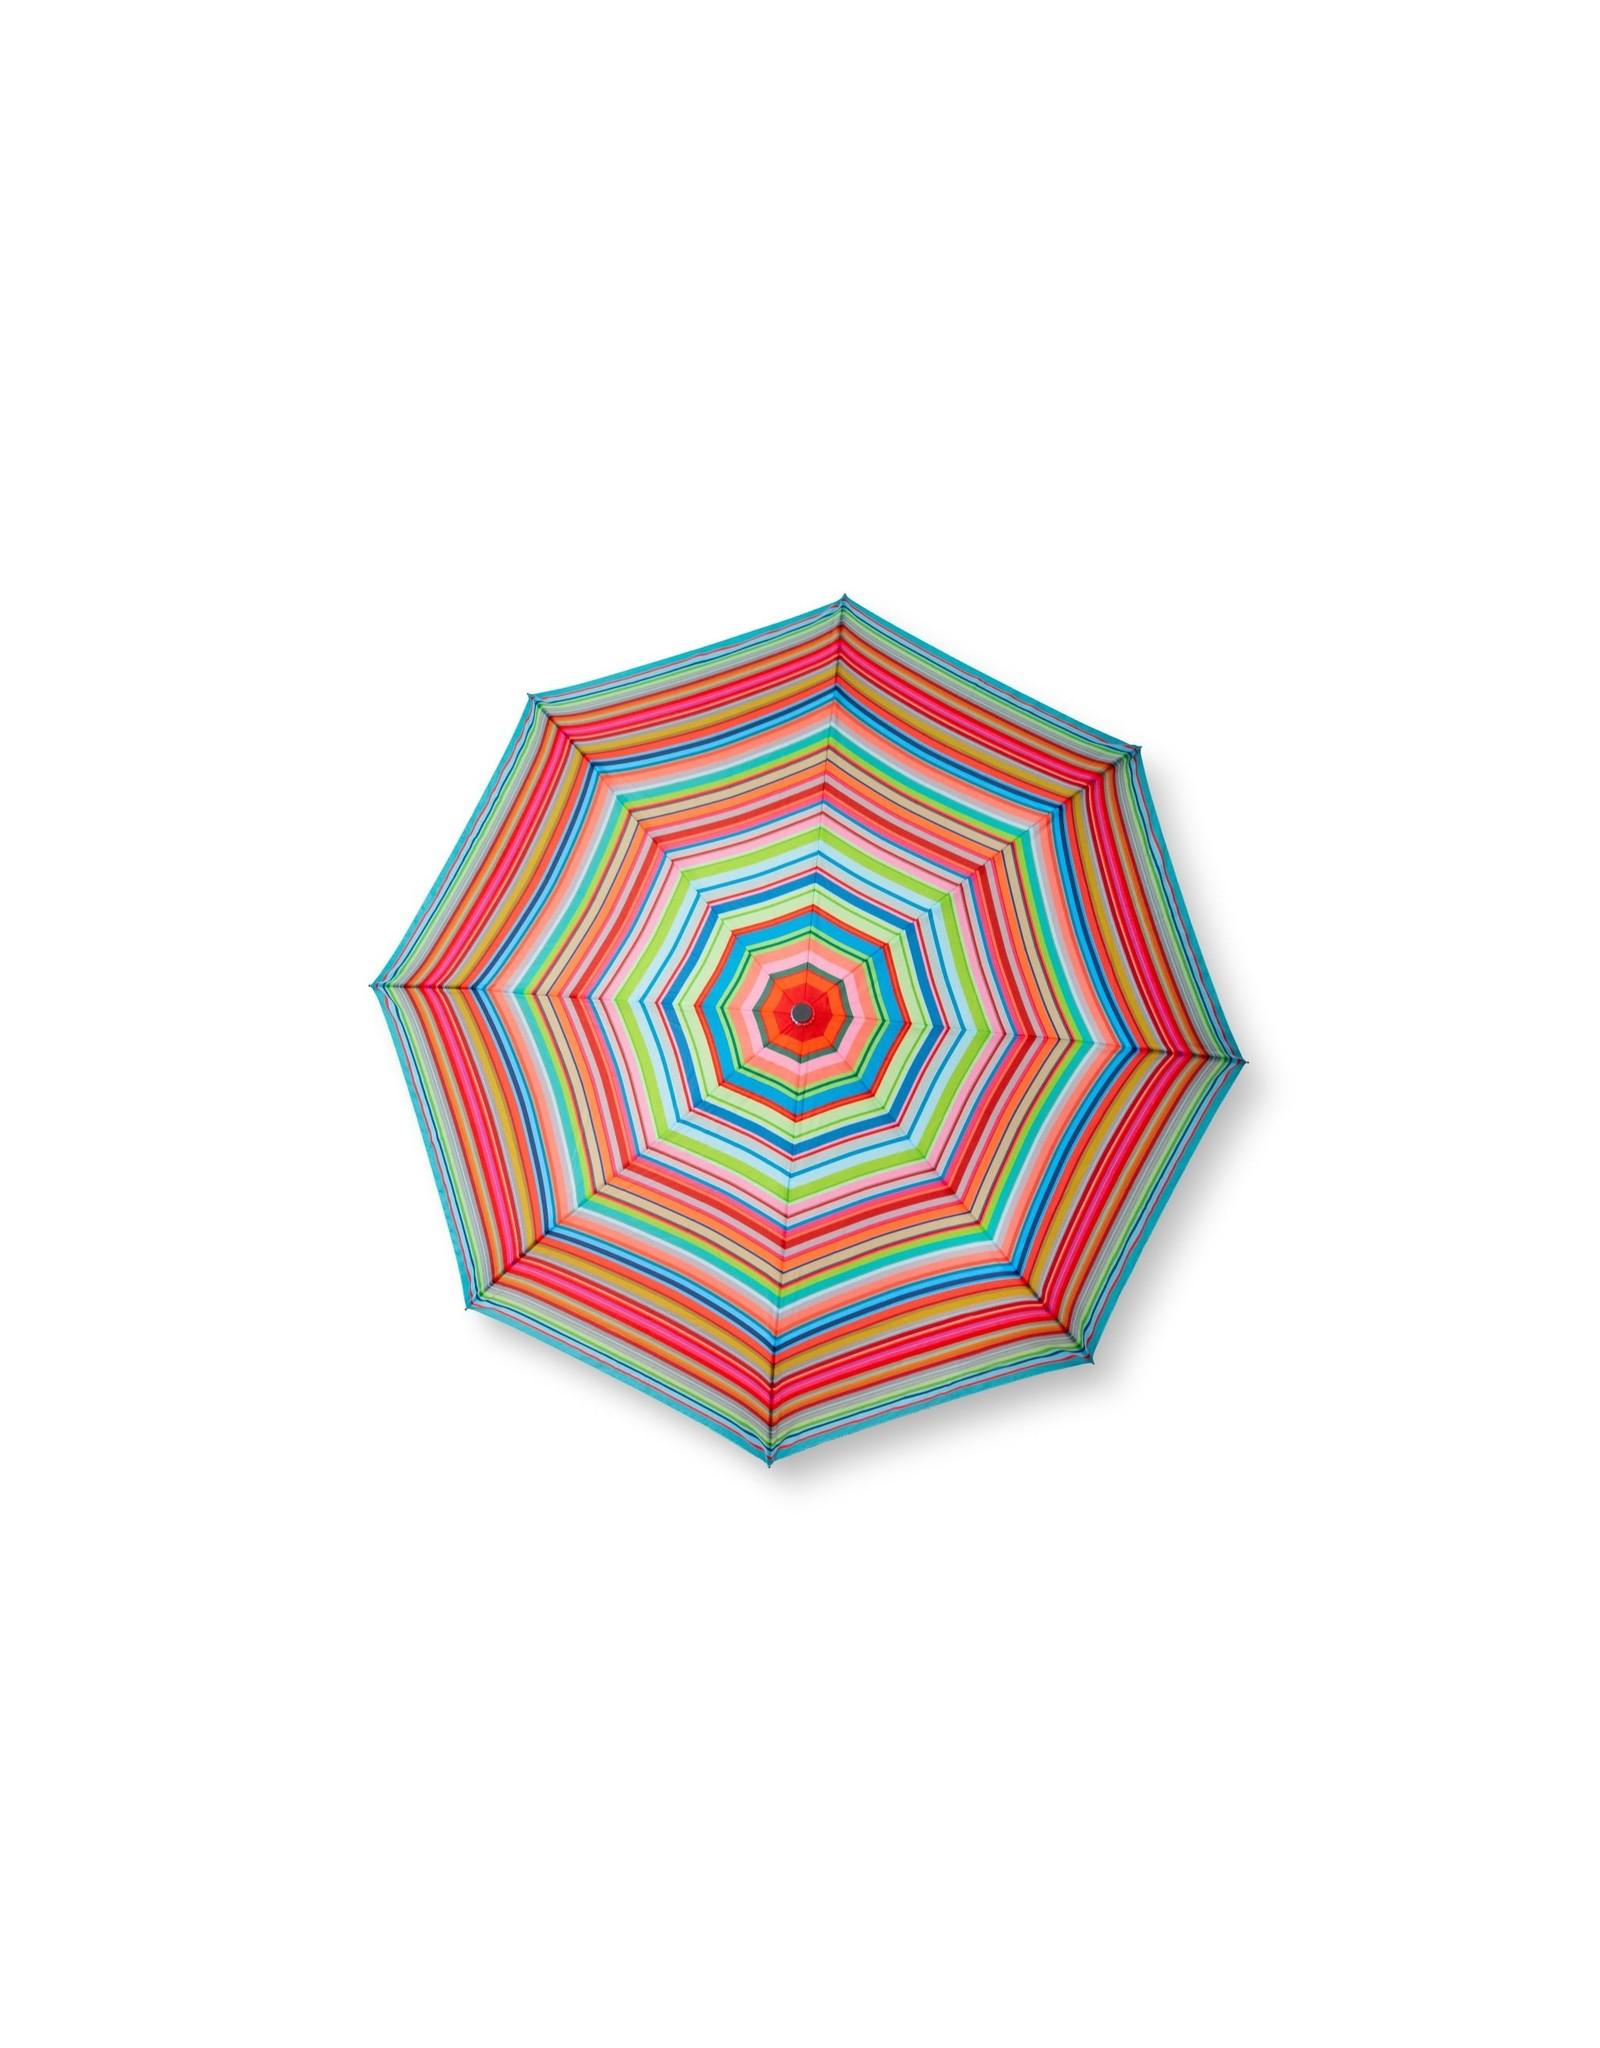 Remember Pocket umbrella with stripes design